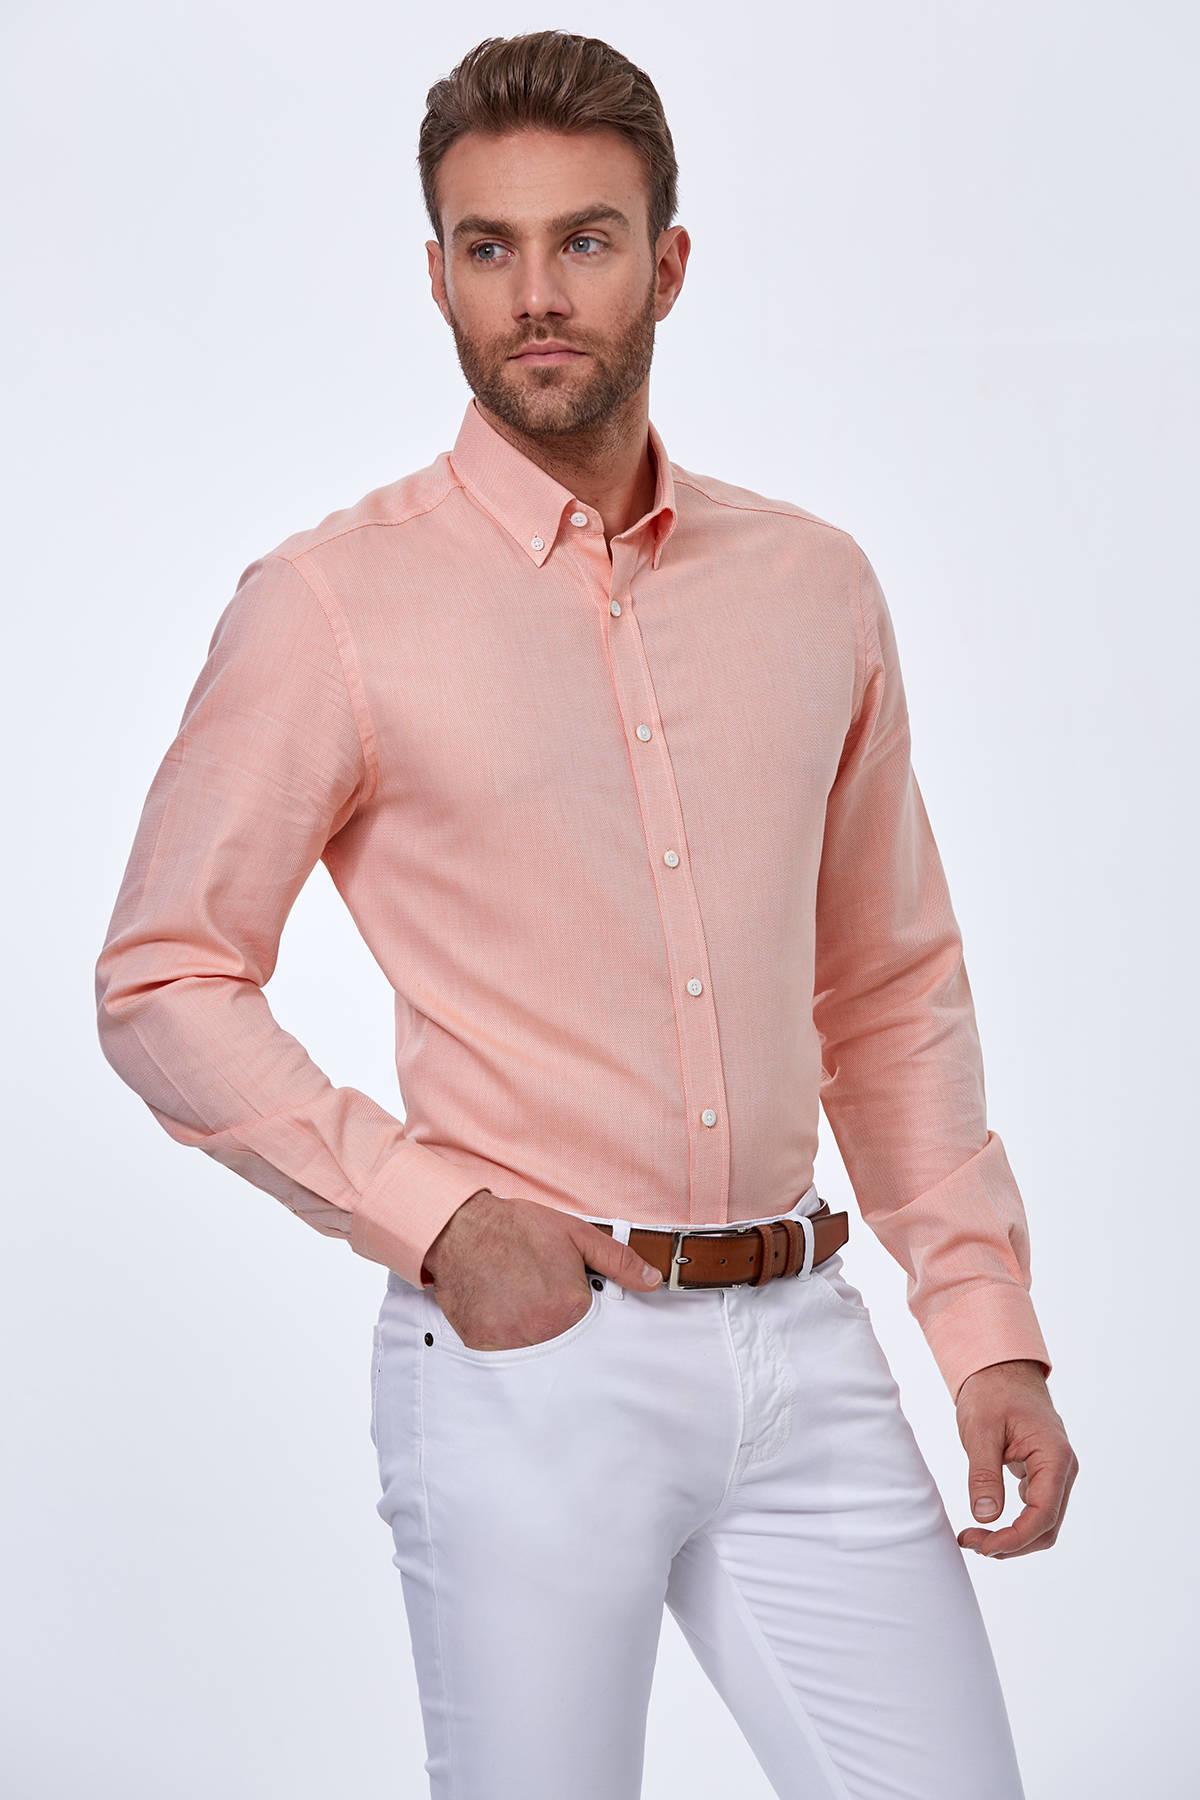 Turuncu Yazlık Oxford Pamuk Gömlek